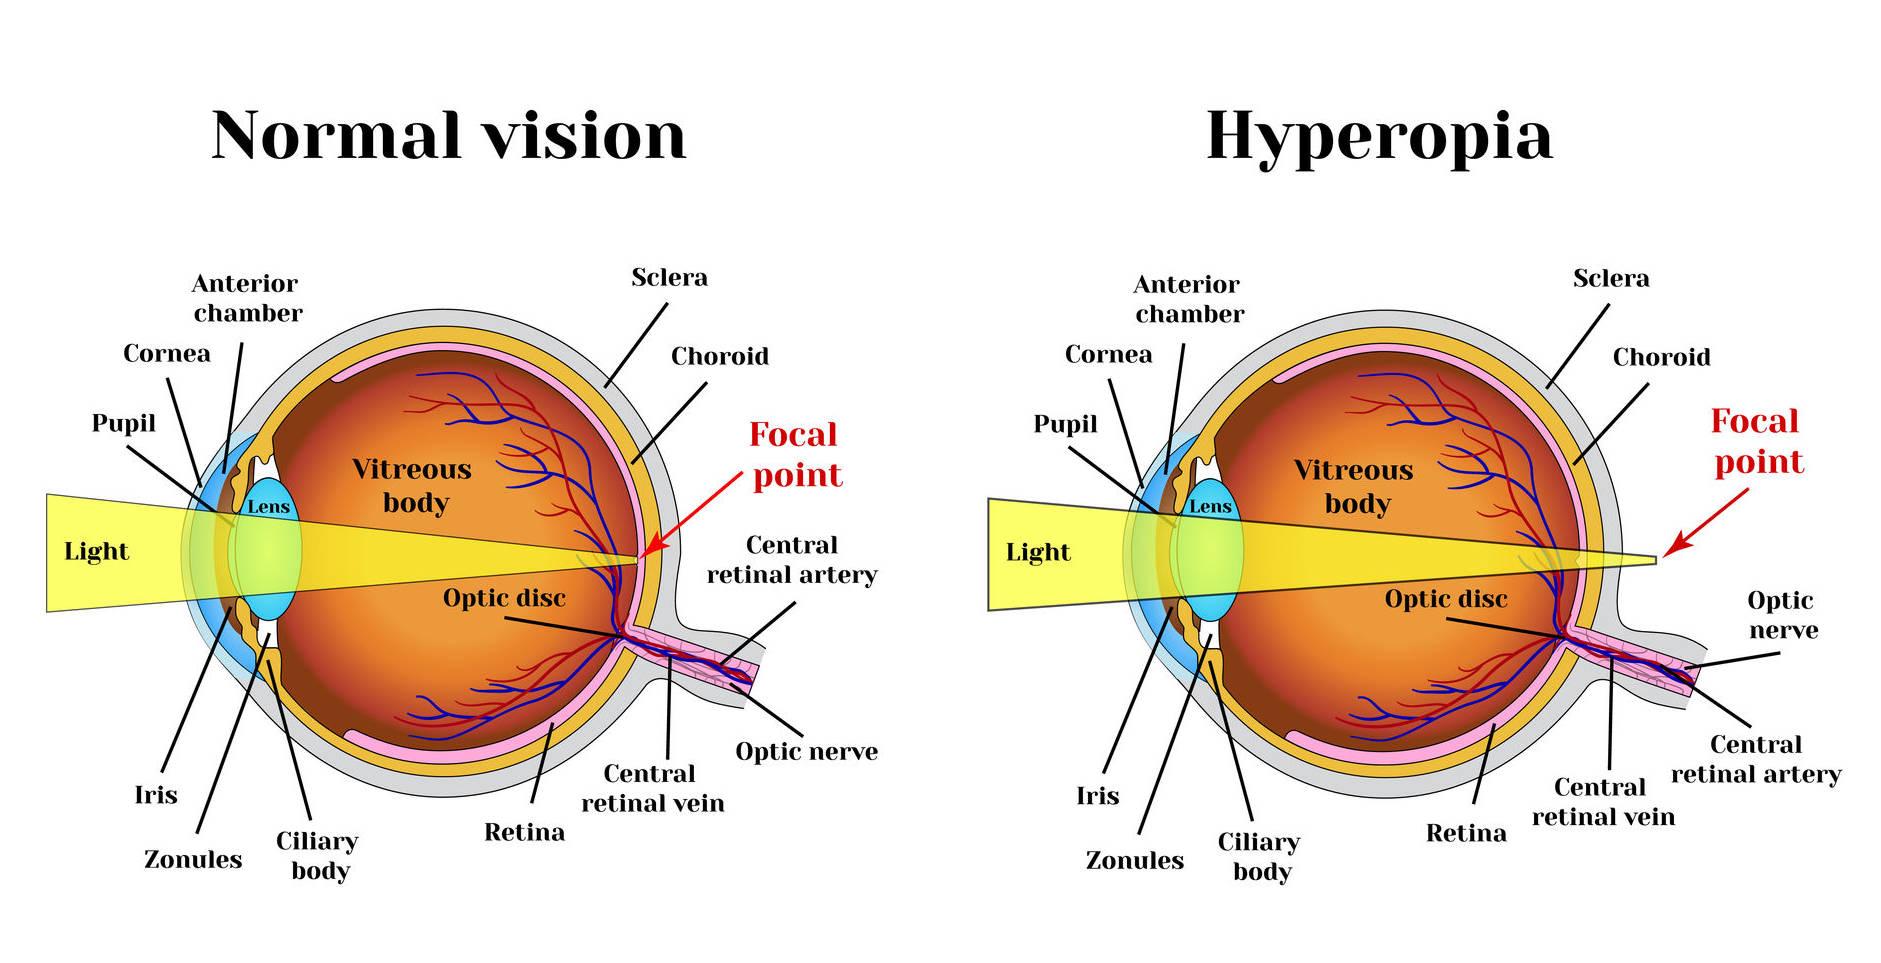 Hyperopia myopia vision